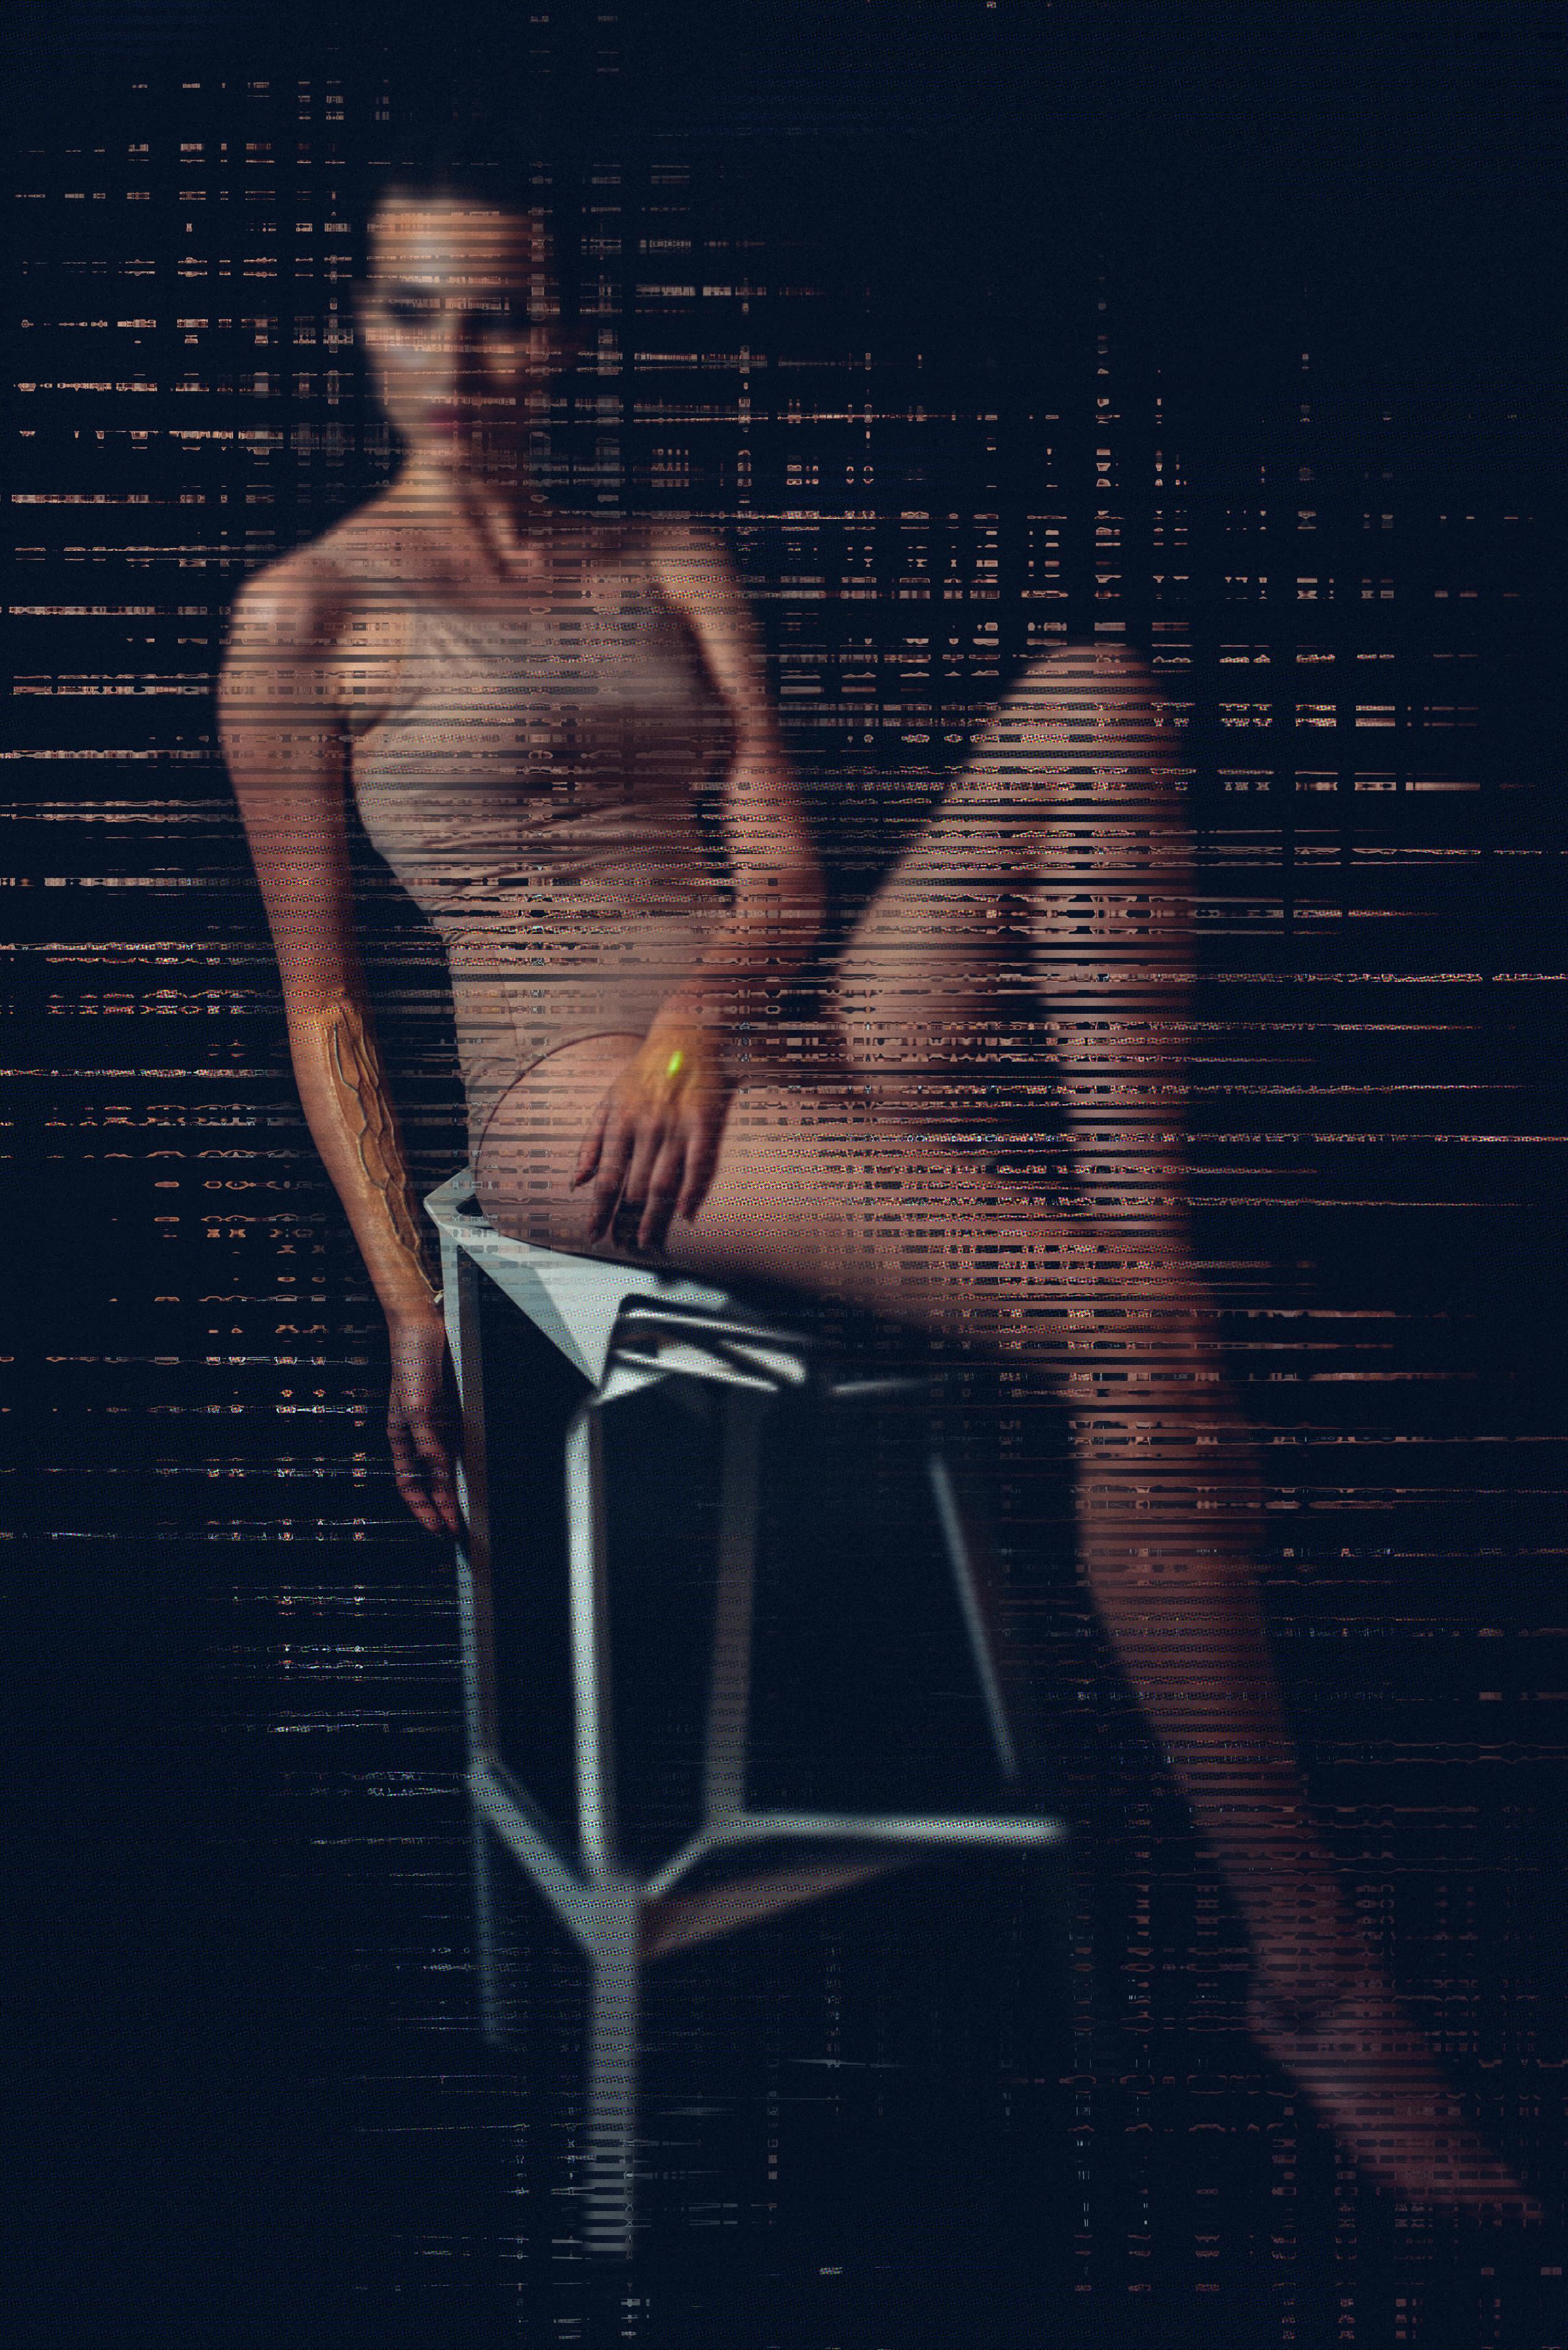 Cyborg combination glitch WEB.jpg